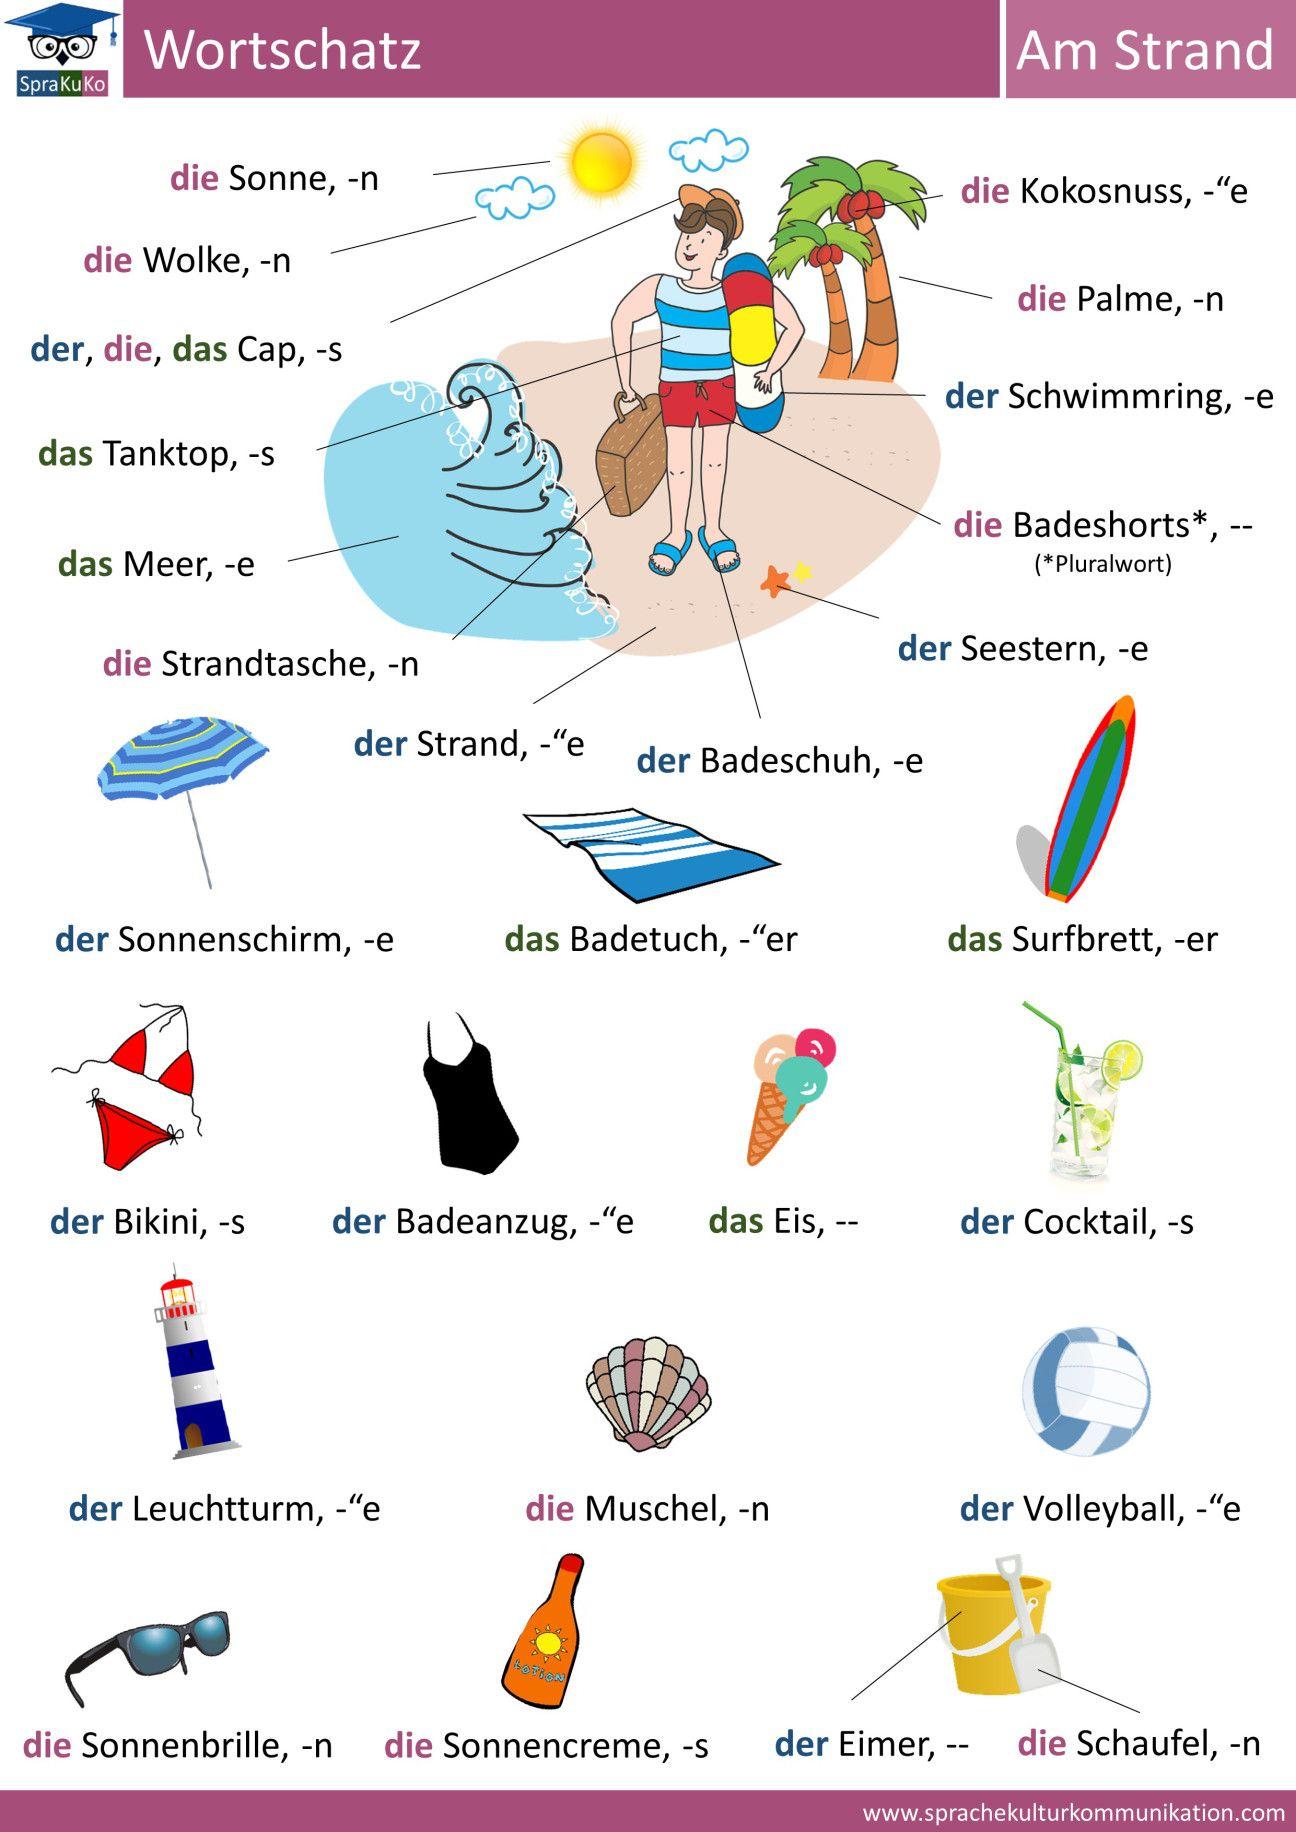 Wortschatz Am Strand | Sommer | Pinterest | German, German language ...